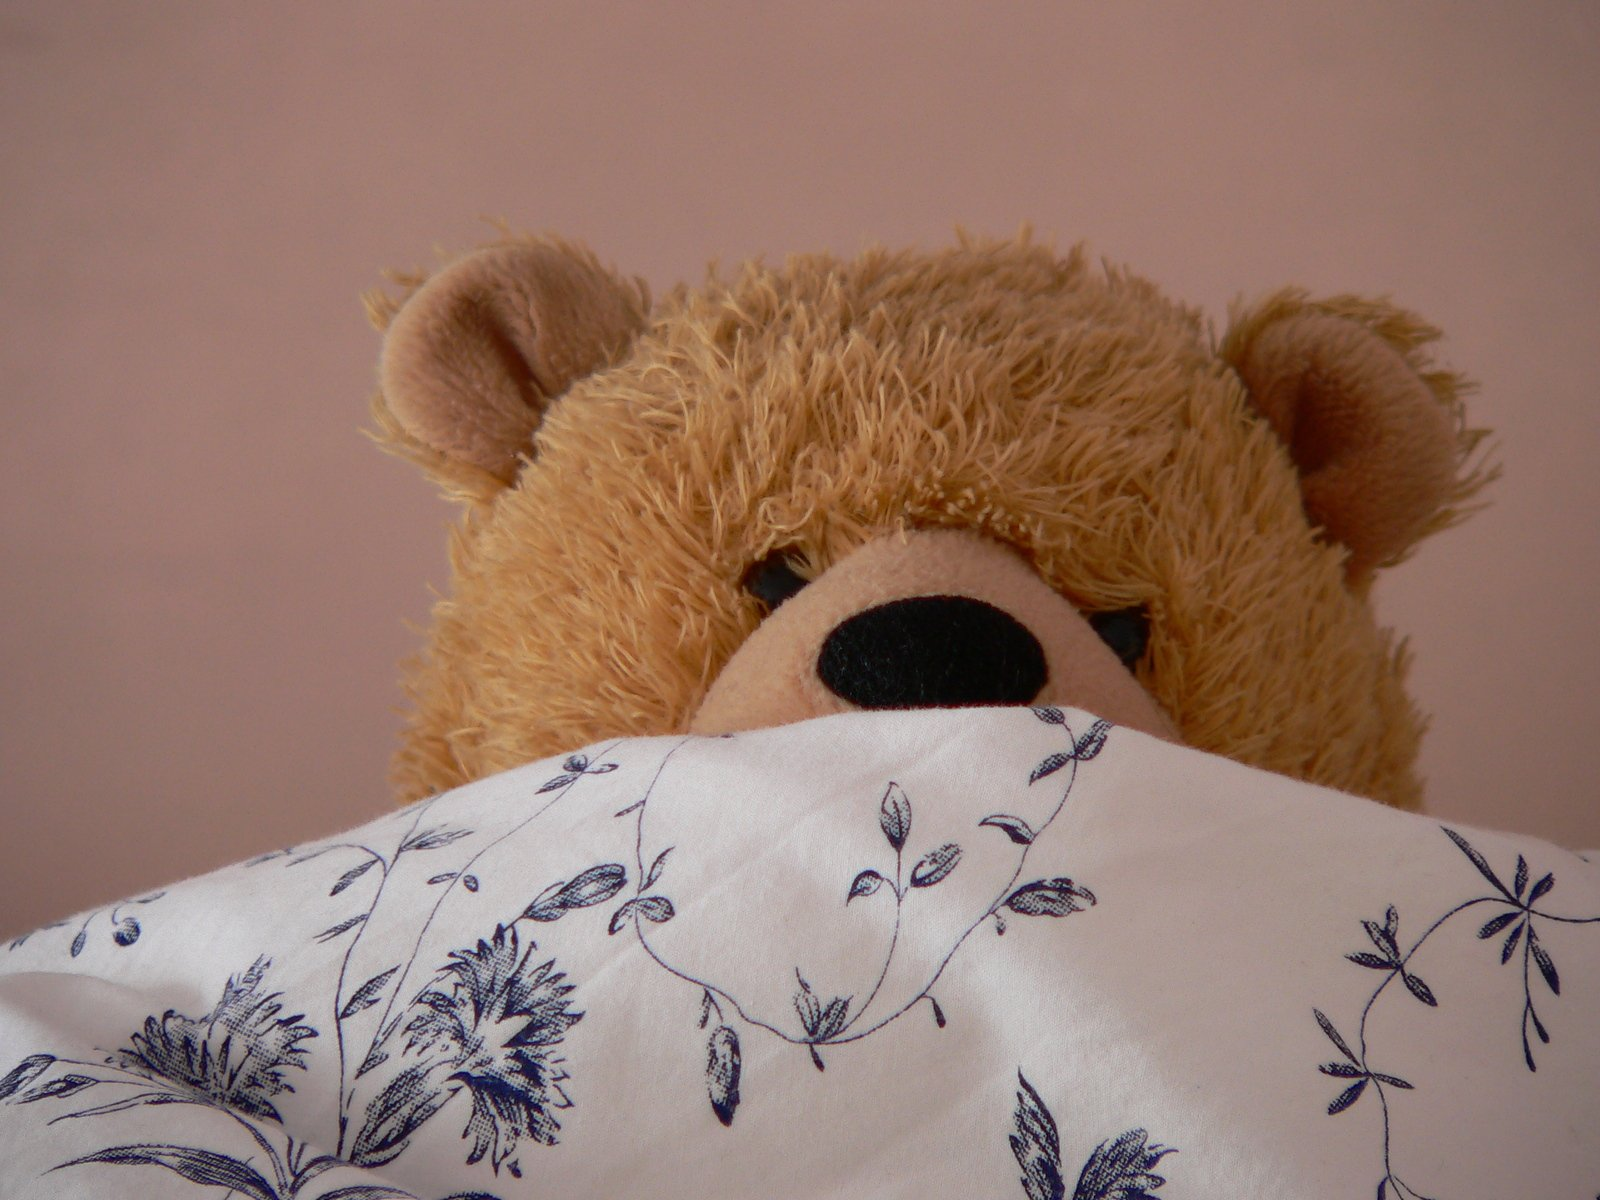 Medvídek v posteli pod přikrývkou